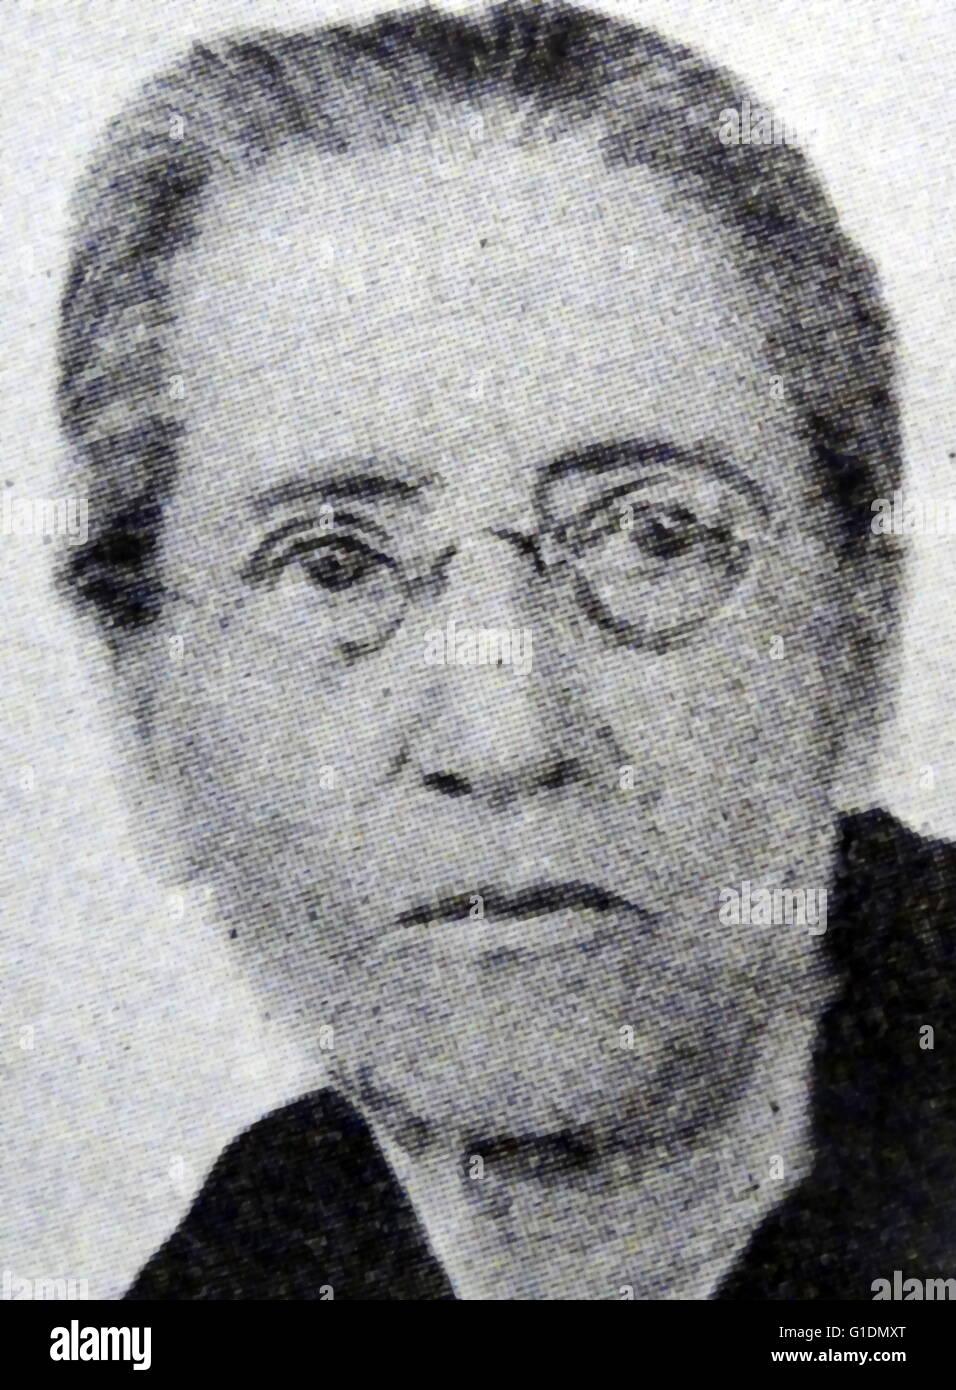 Ritratto fotografico di Emily Greene Balch (1867-1961) un economista americano, sociologo e pacifista. In data xx Immagini Stock